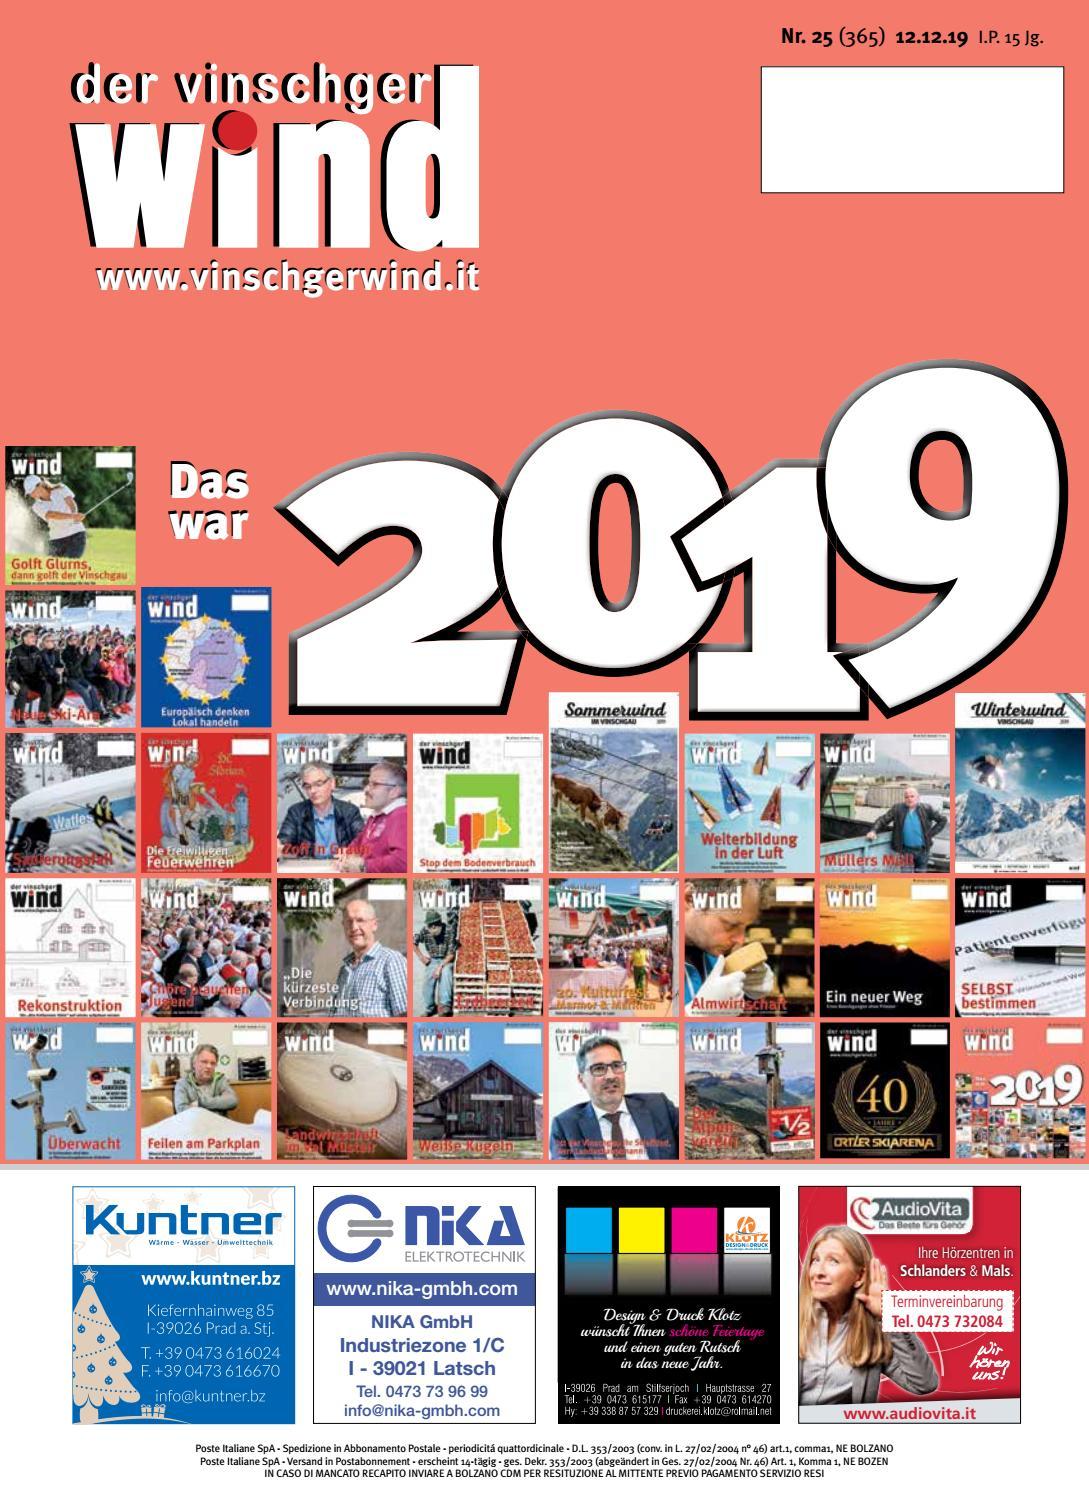 Zeitung Vinschgerwind 25 19 Vom 12122019 Bezirk Vinschgau